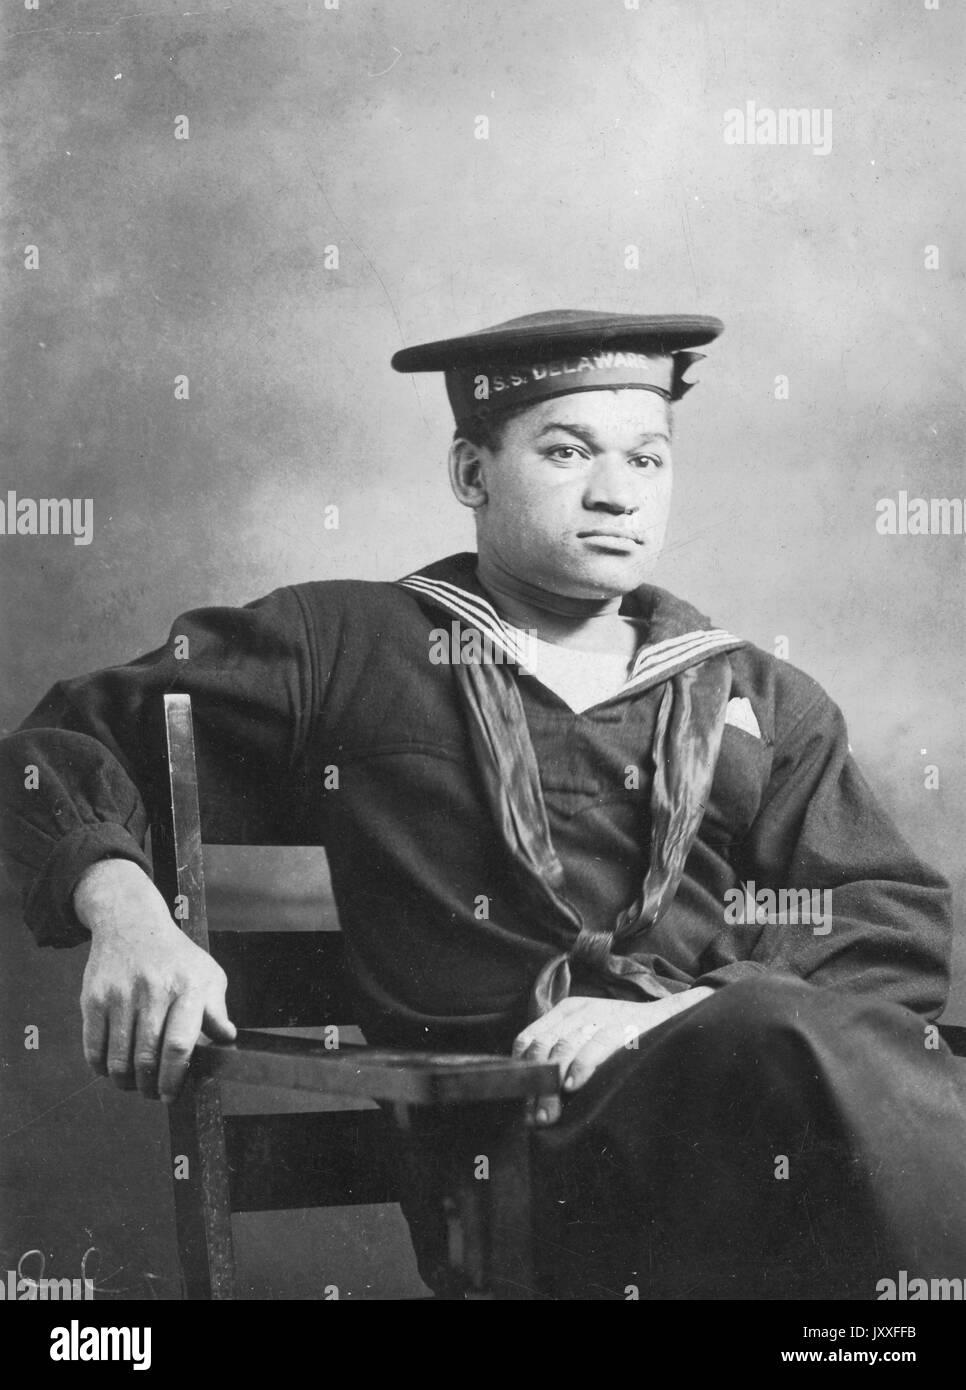 Drei Viertel portrait einer afrikanischen amerikanischen Weltkrieg US Navy sailor, Sitzen, Tragen uniform, neutralen Gesichtsausdruck, 1920. Stockbild